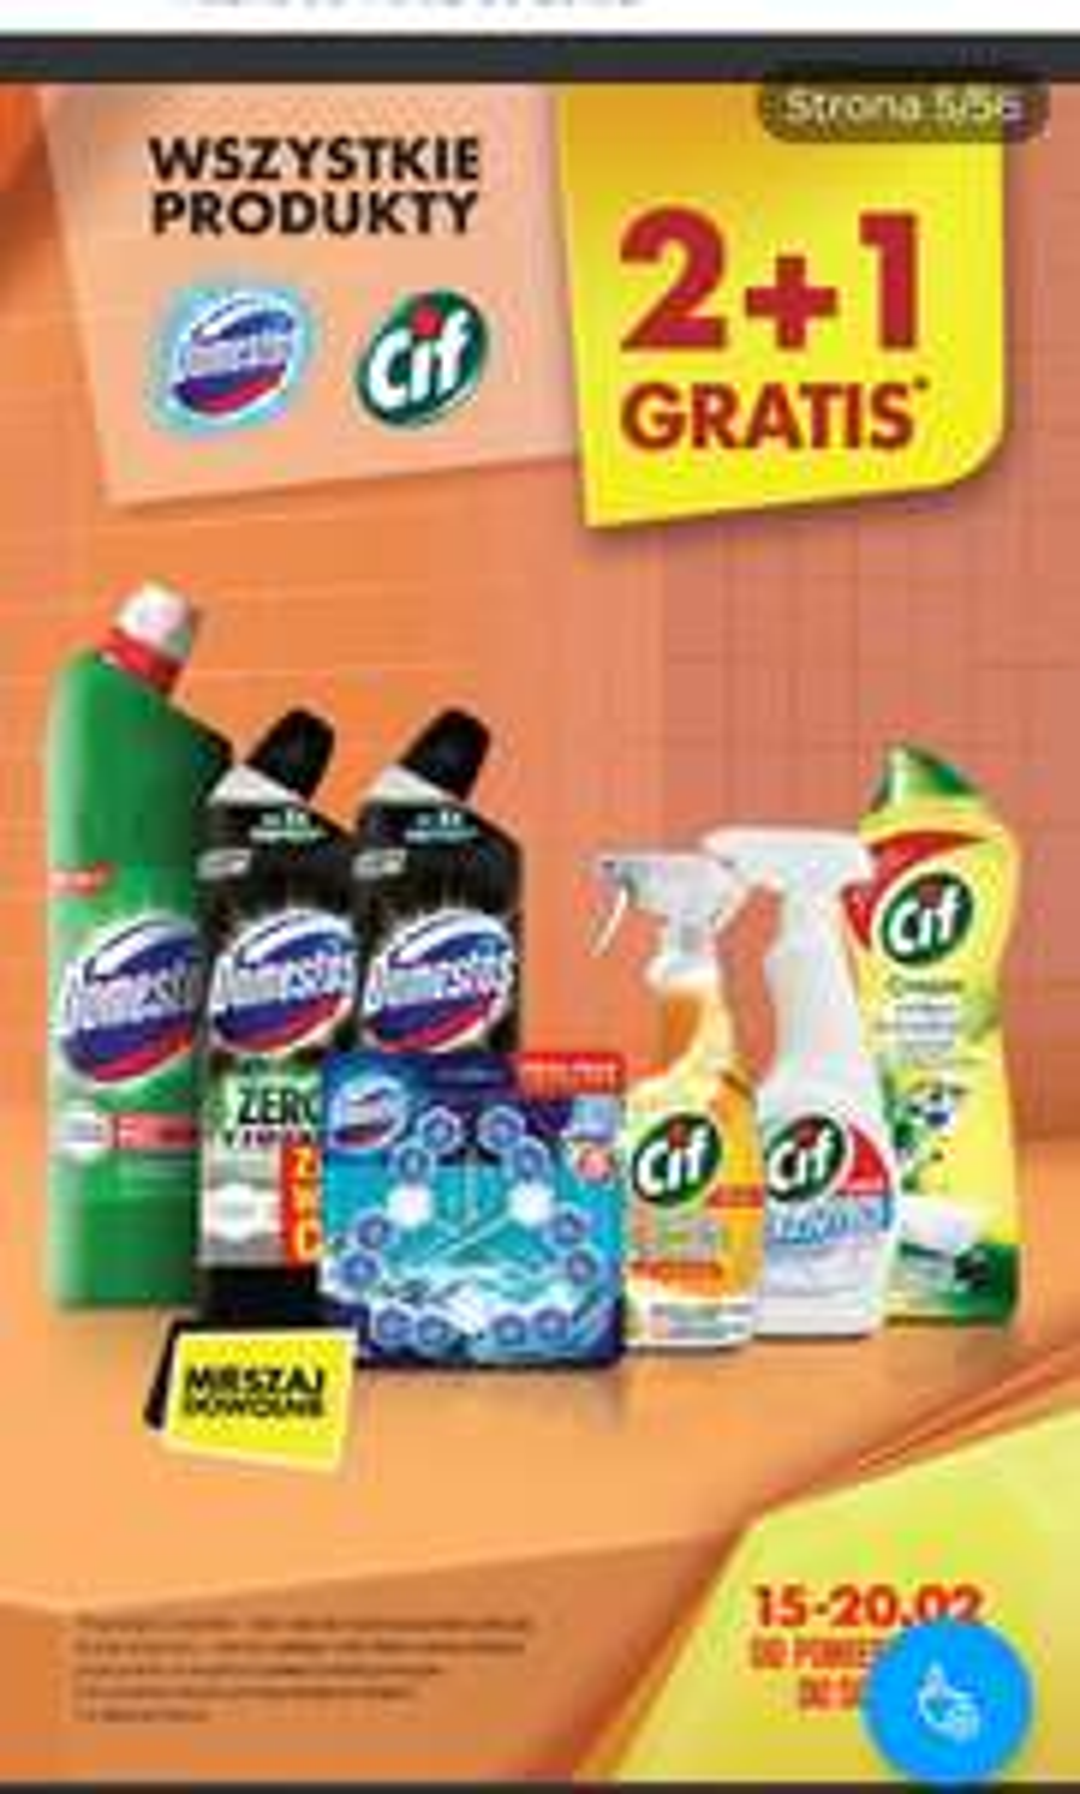 Wszystkie produkty Cif i Domestos 2+1 gratis, Biedronka